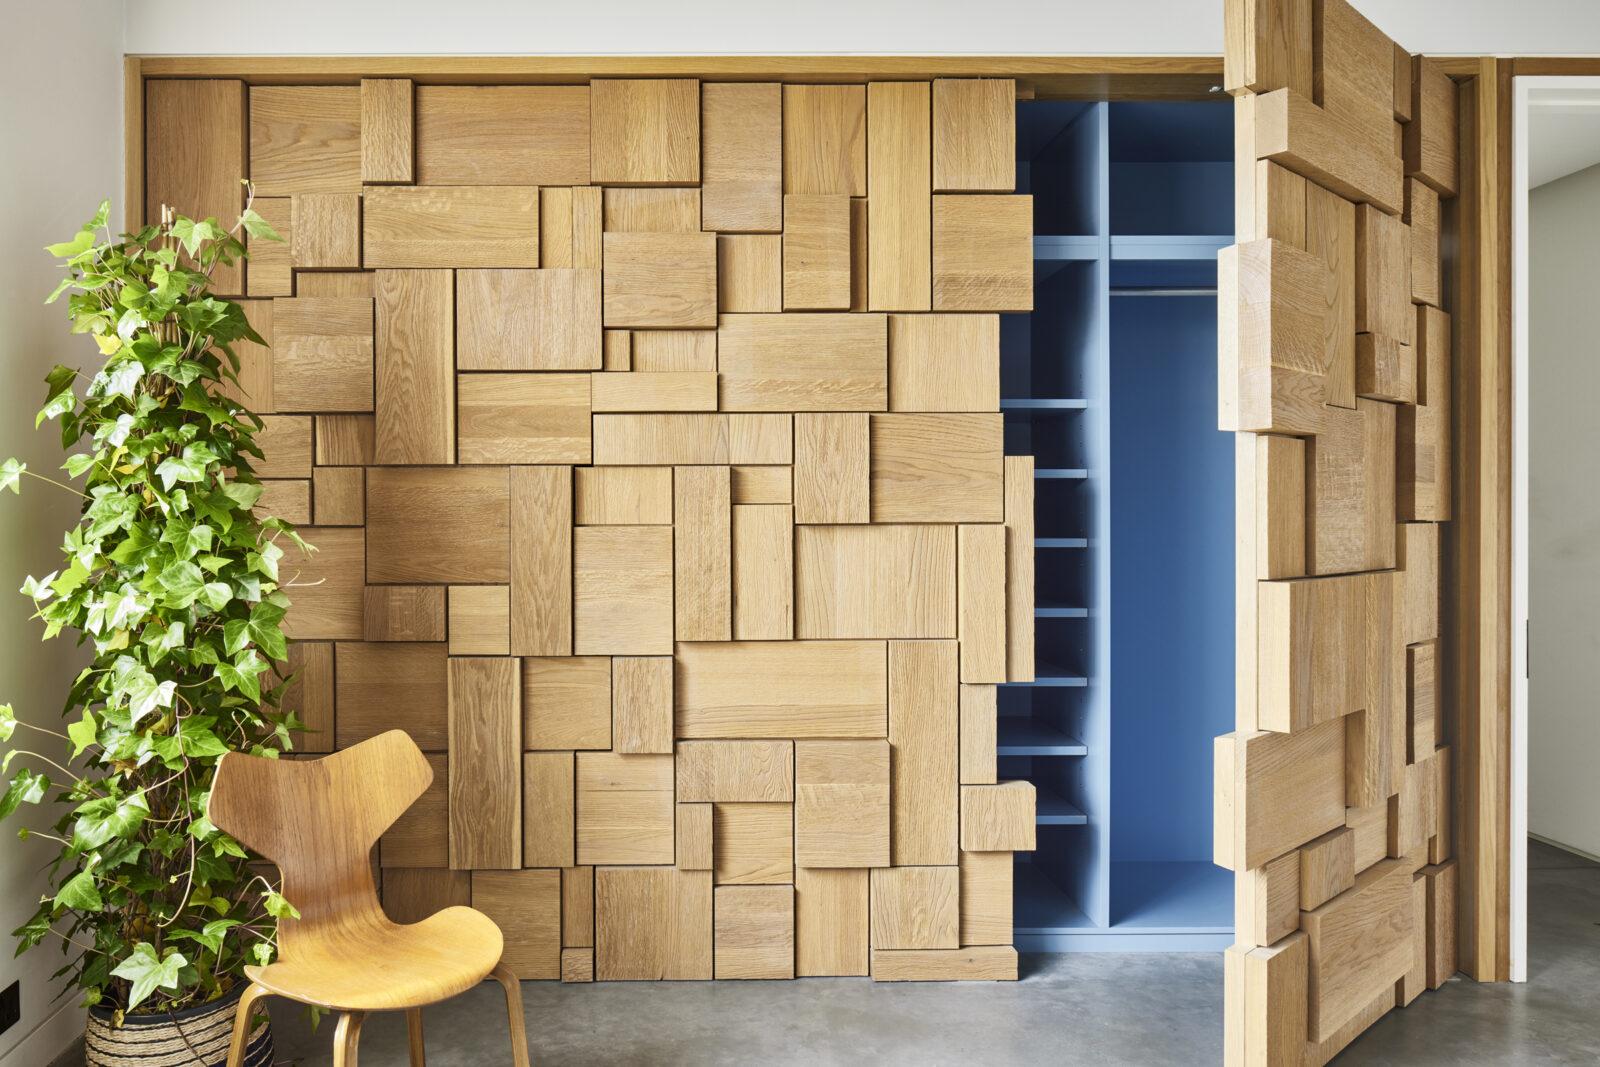 Jigsaw like oak panels reveal concealed wardrobes